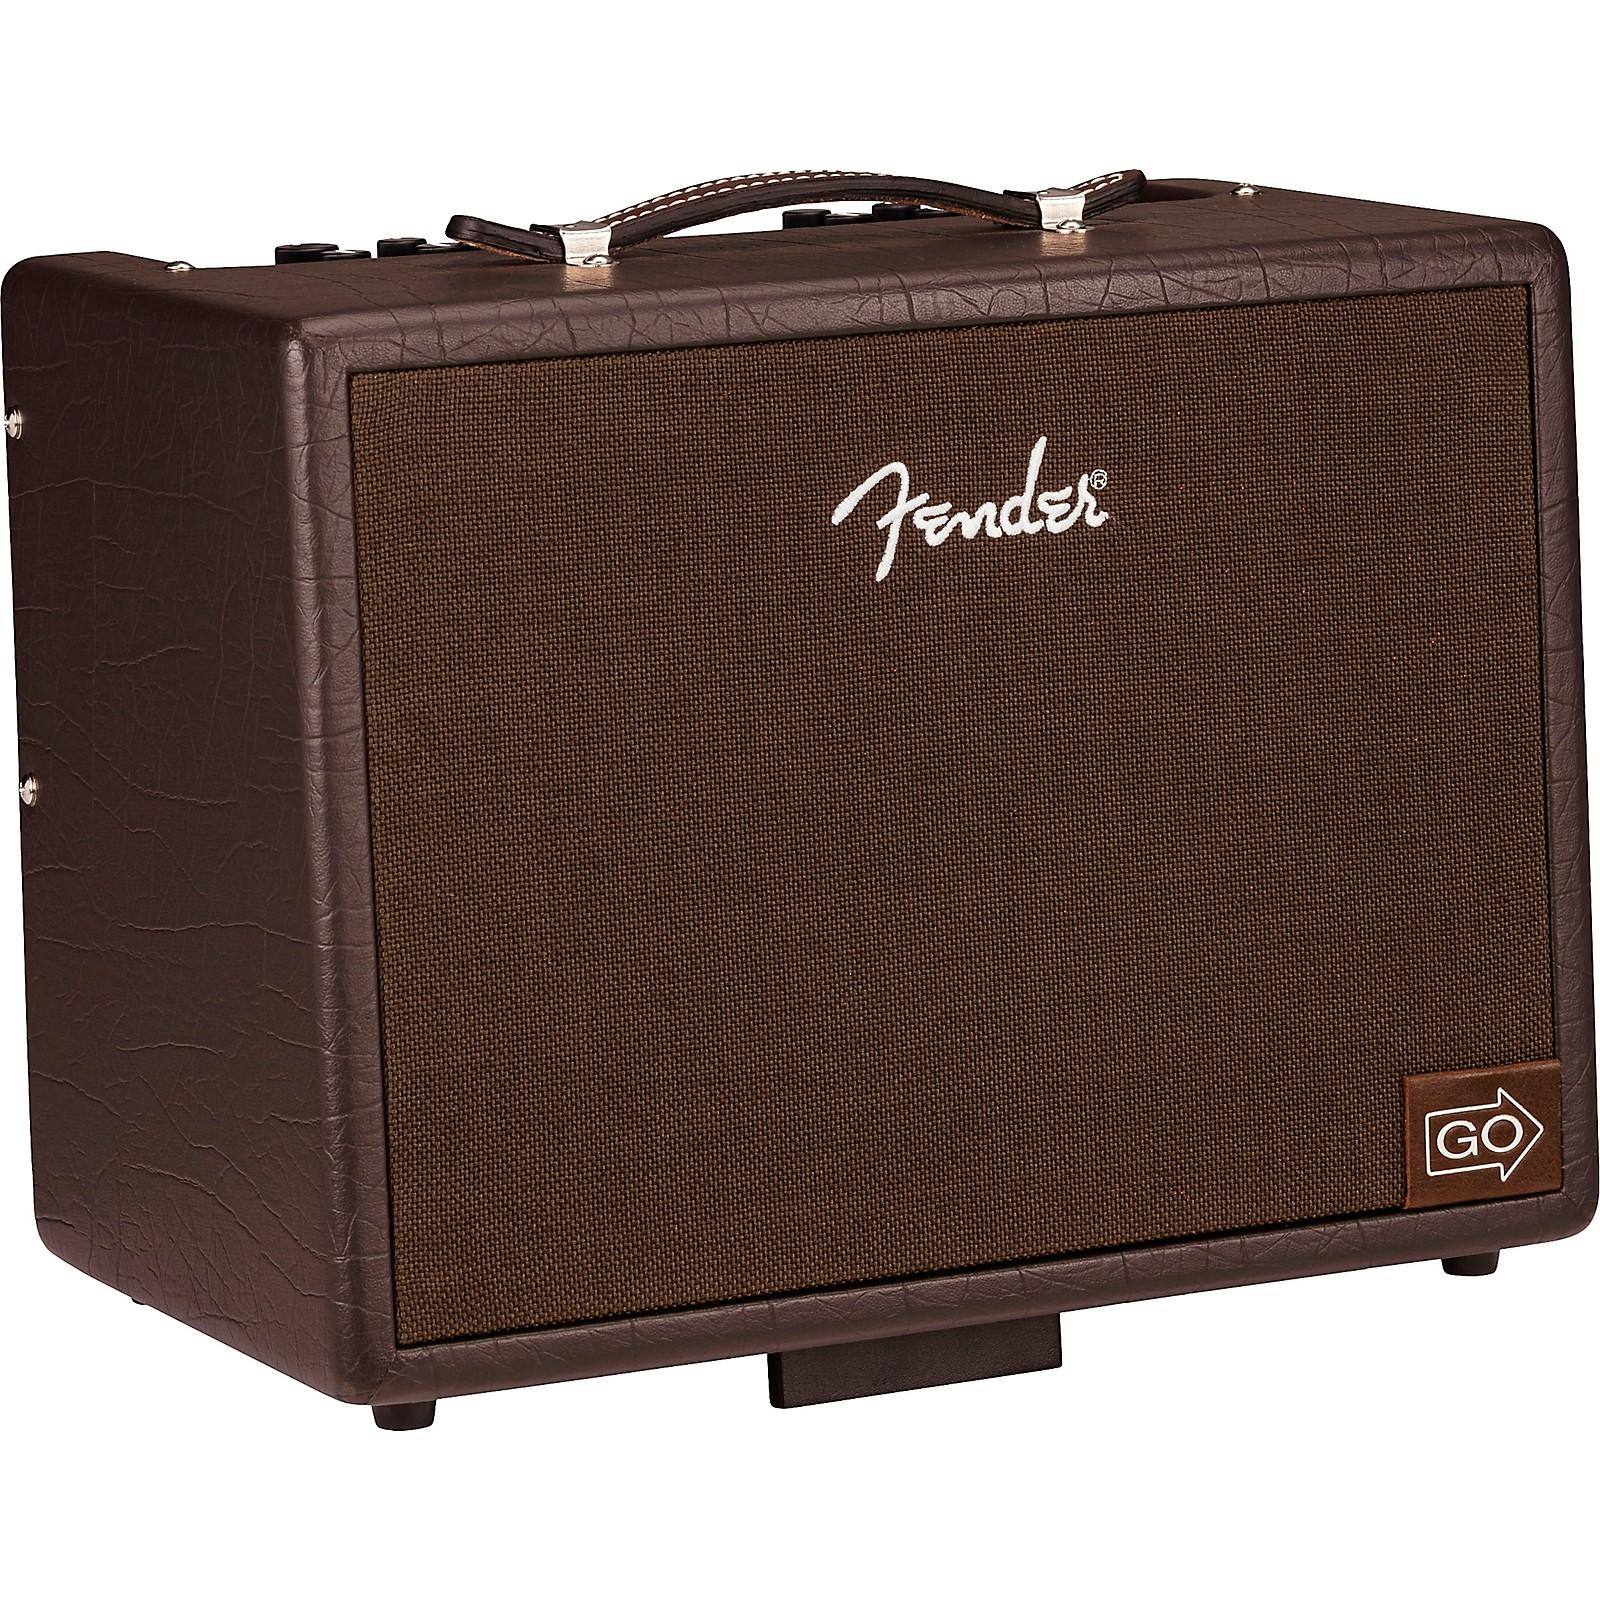 Fender Acoustic Jr GO 100W 1x8 Acoustic Guitar Combo Amplifier